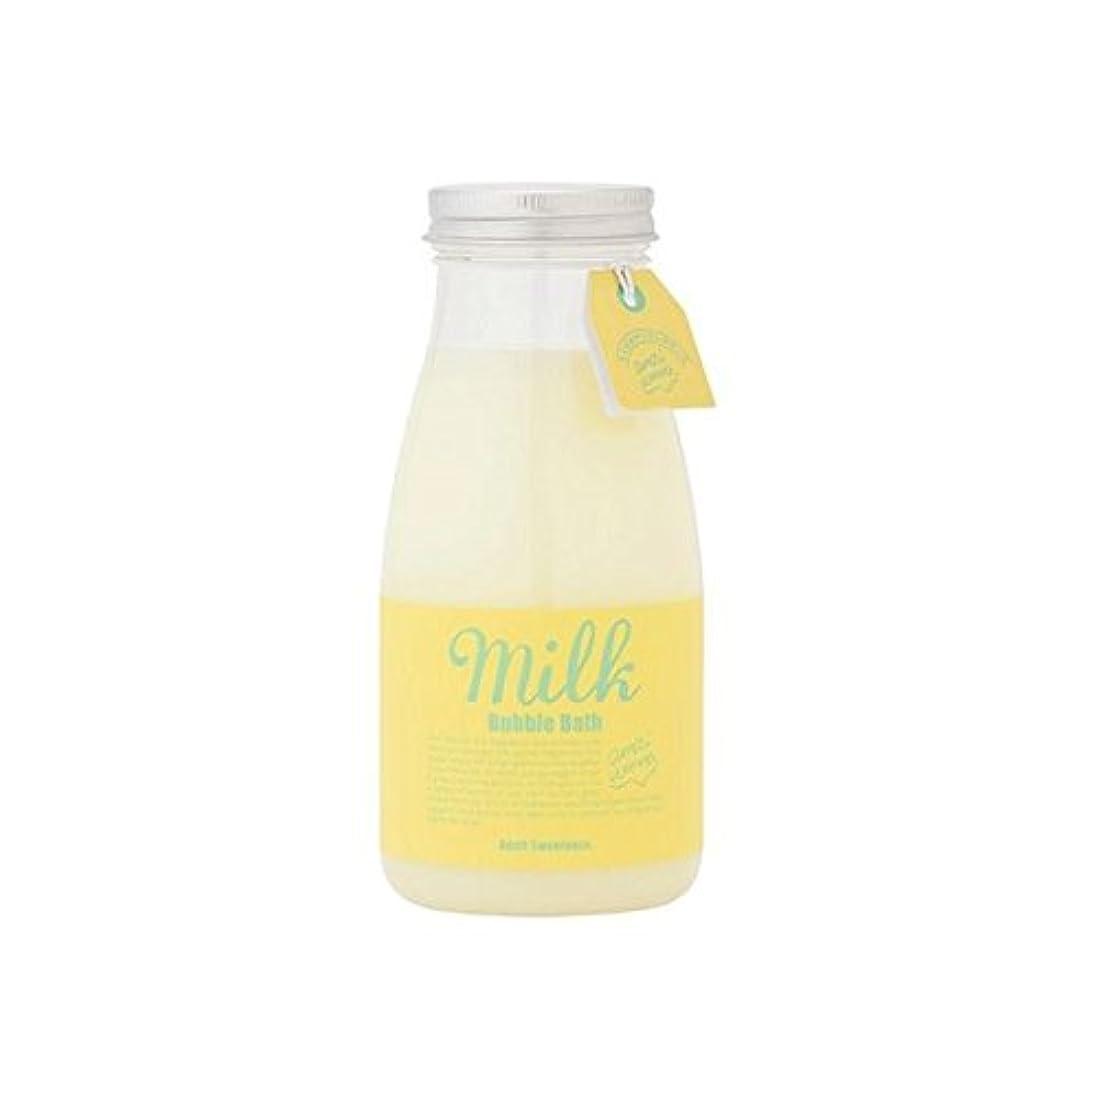 リズミカルな市場在庫アマイワナ ミルクバブルバス 大人の甘美デザート 300ml(泡風呂タイプ入浴料 約4回分 フローラルと果実の香り)